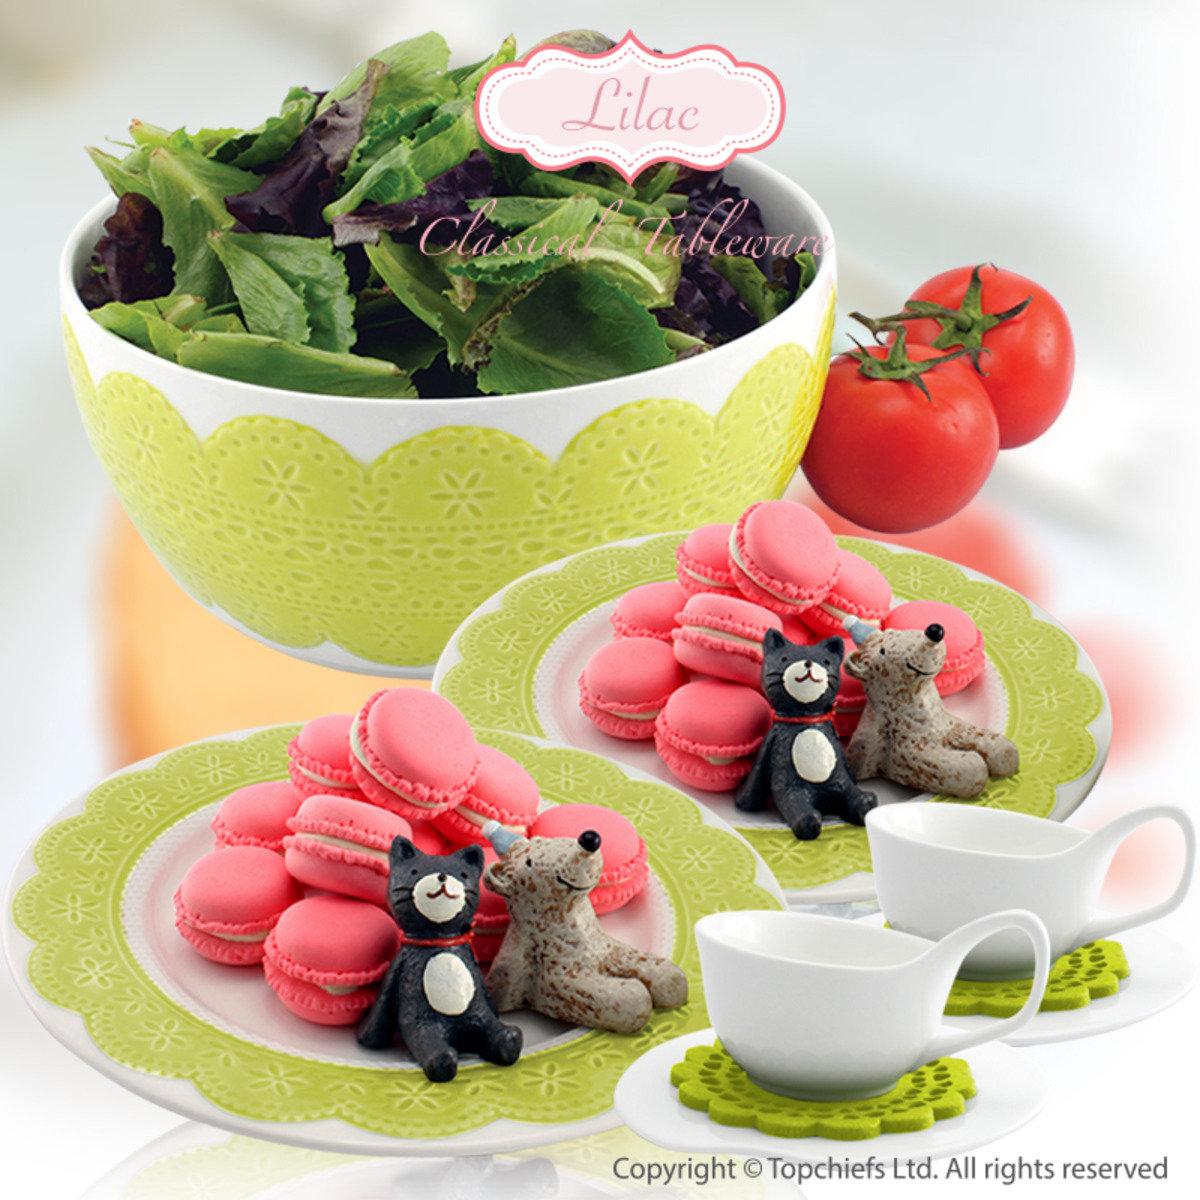 綠色立體蕾絲餐碟x2+ 白色茶杯套裝配絨毛杯墊 x2 + 綠色立體蕾絲碗20cm x1